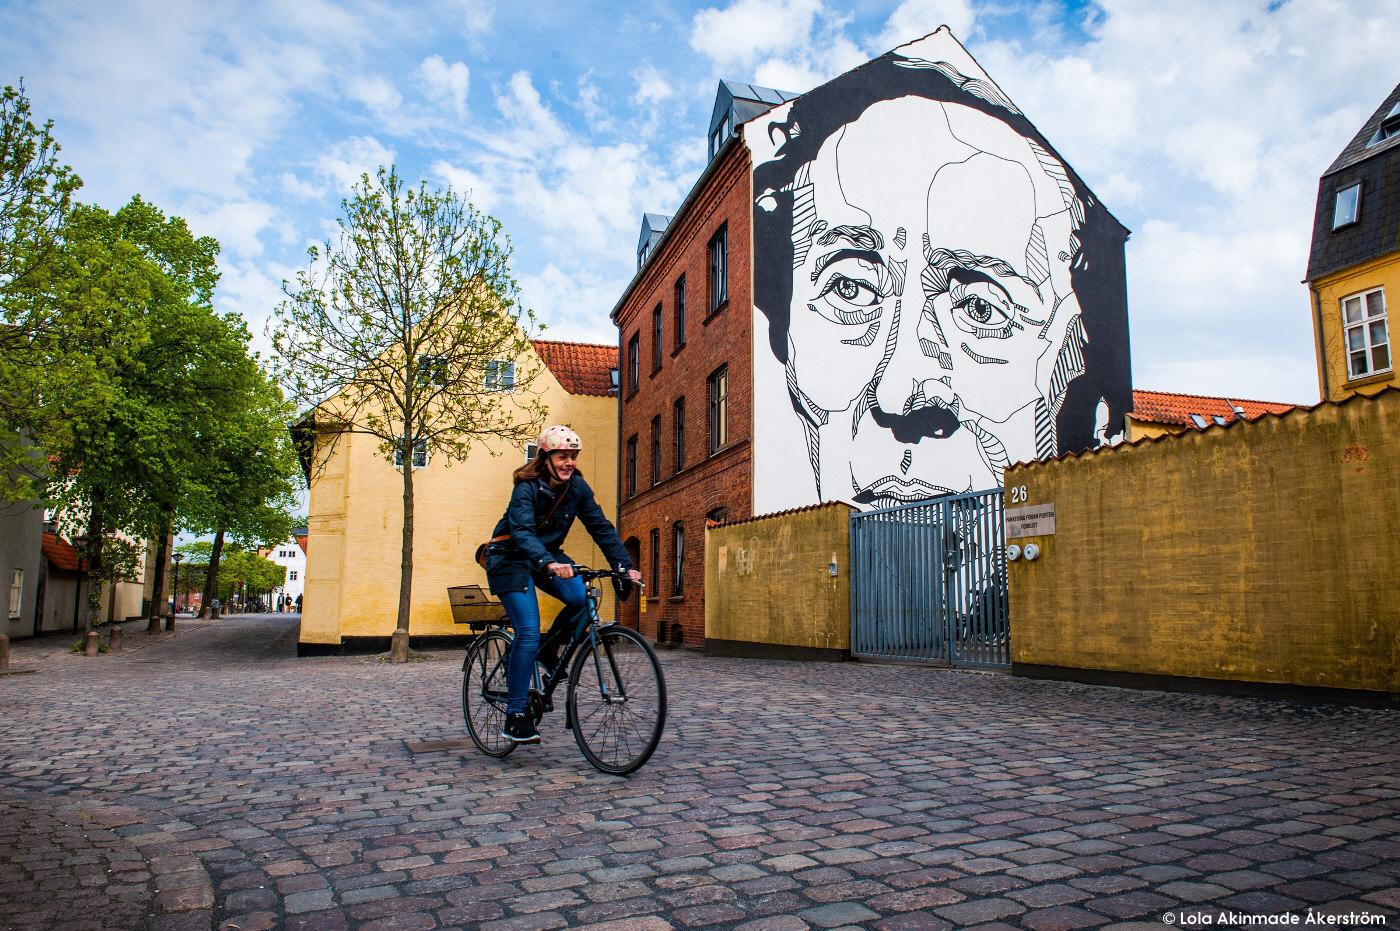 Odense - Denmark's Fairytale Town - Geotraveler's Niche - Lola Akinmade Åkerström